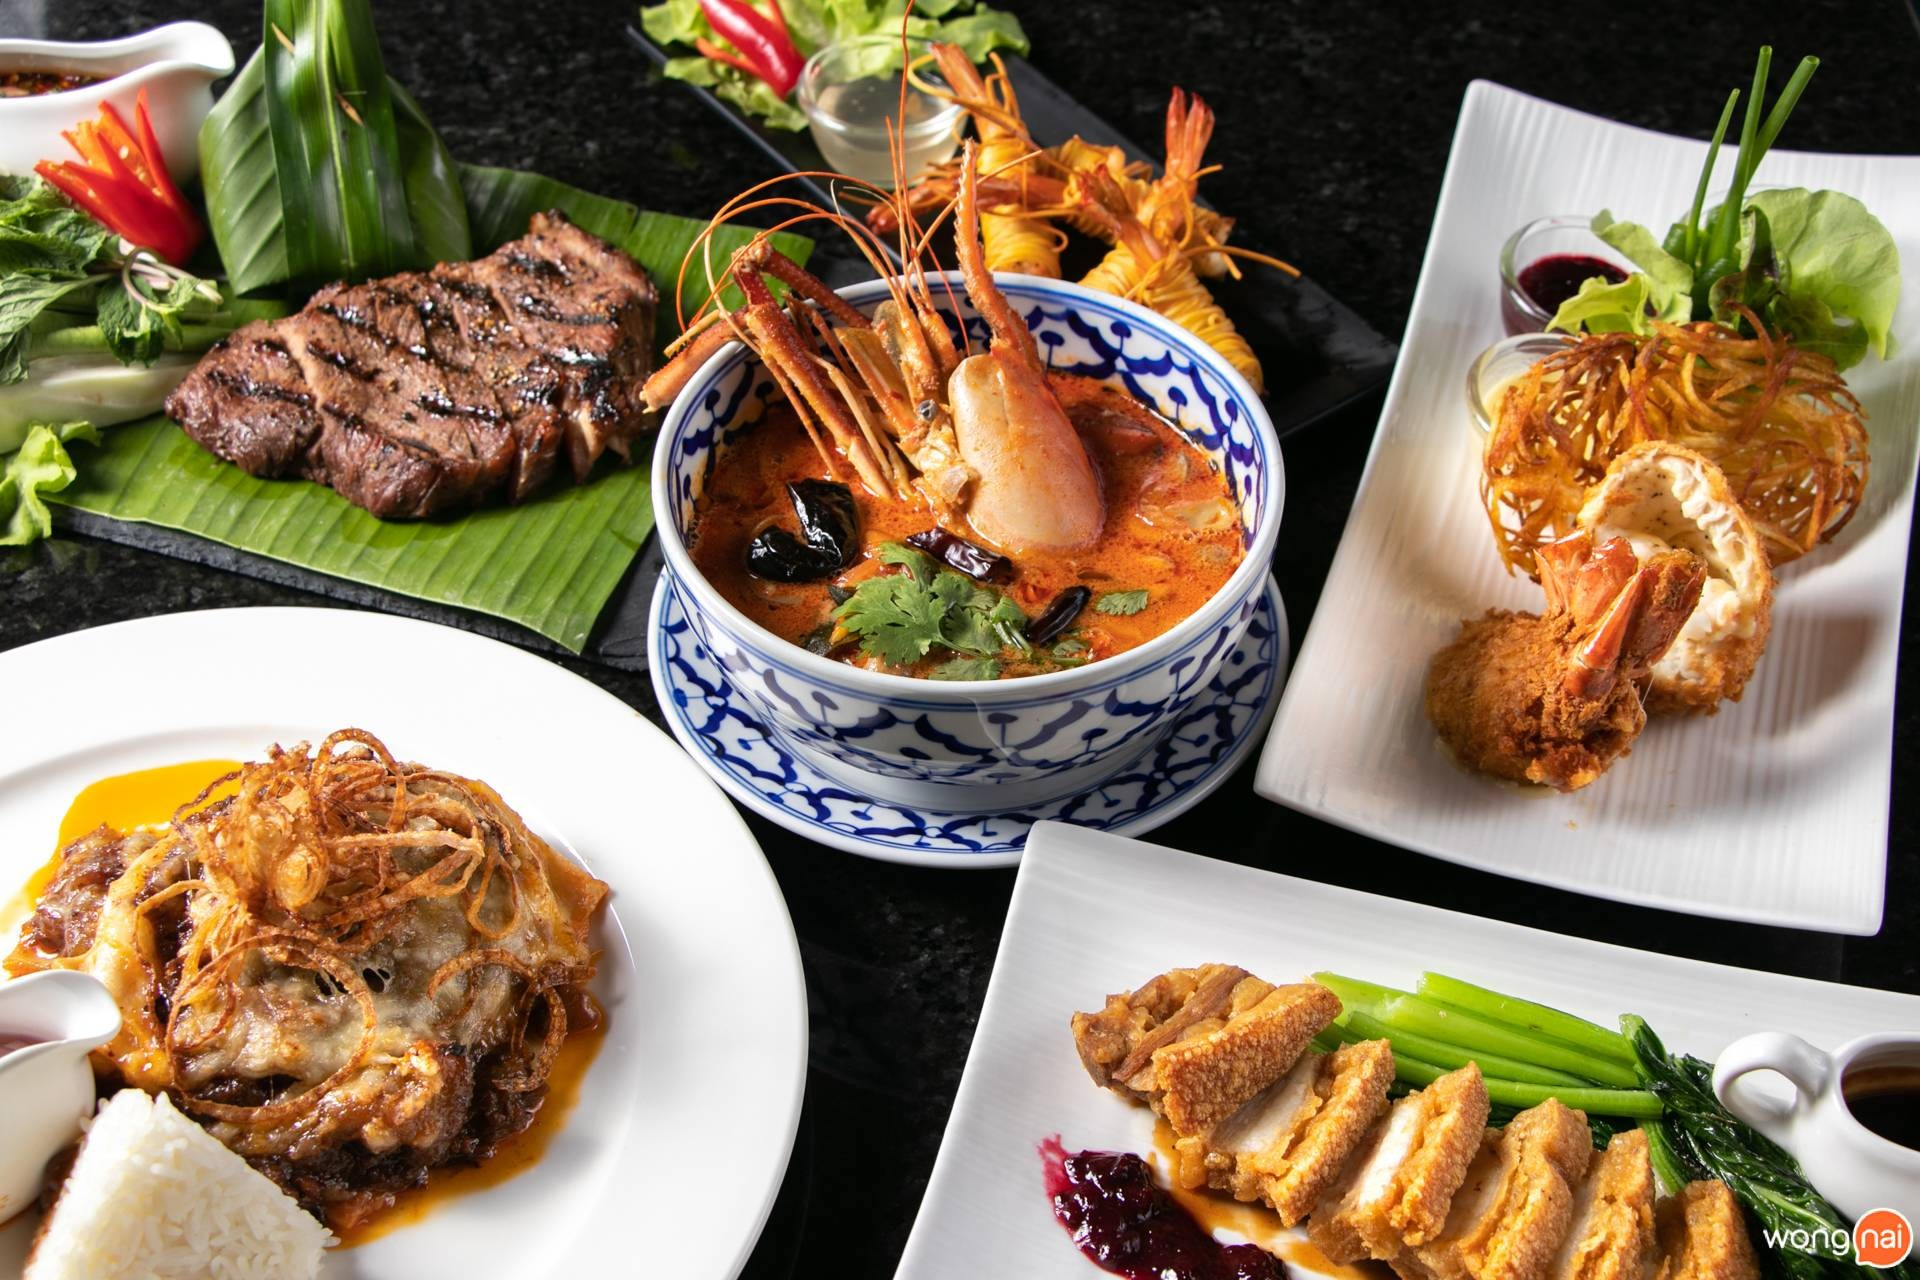 อาหารไทย หมูกรอบ ผัดไทย อาหารฝรั่ง THER Dining & Bar